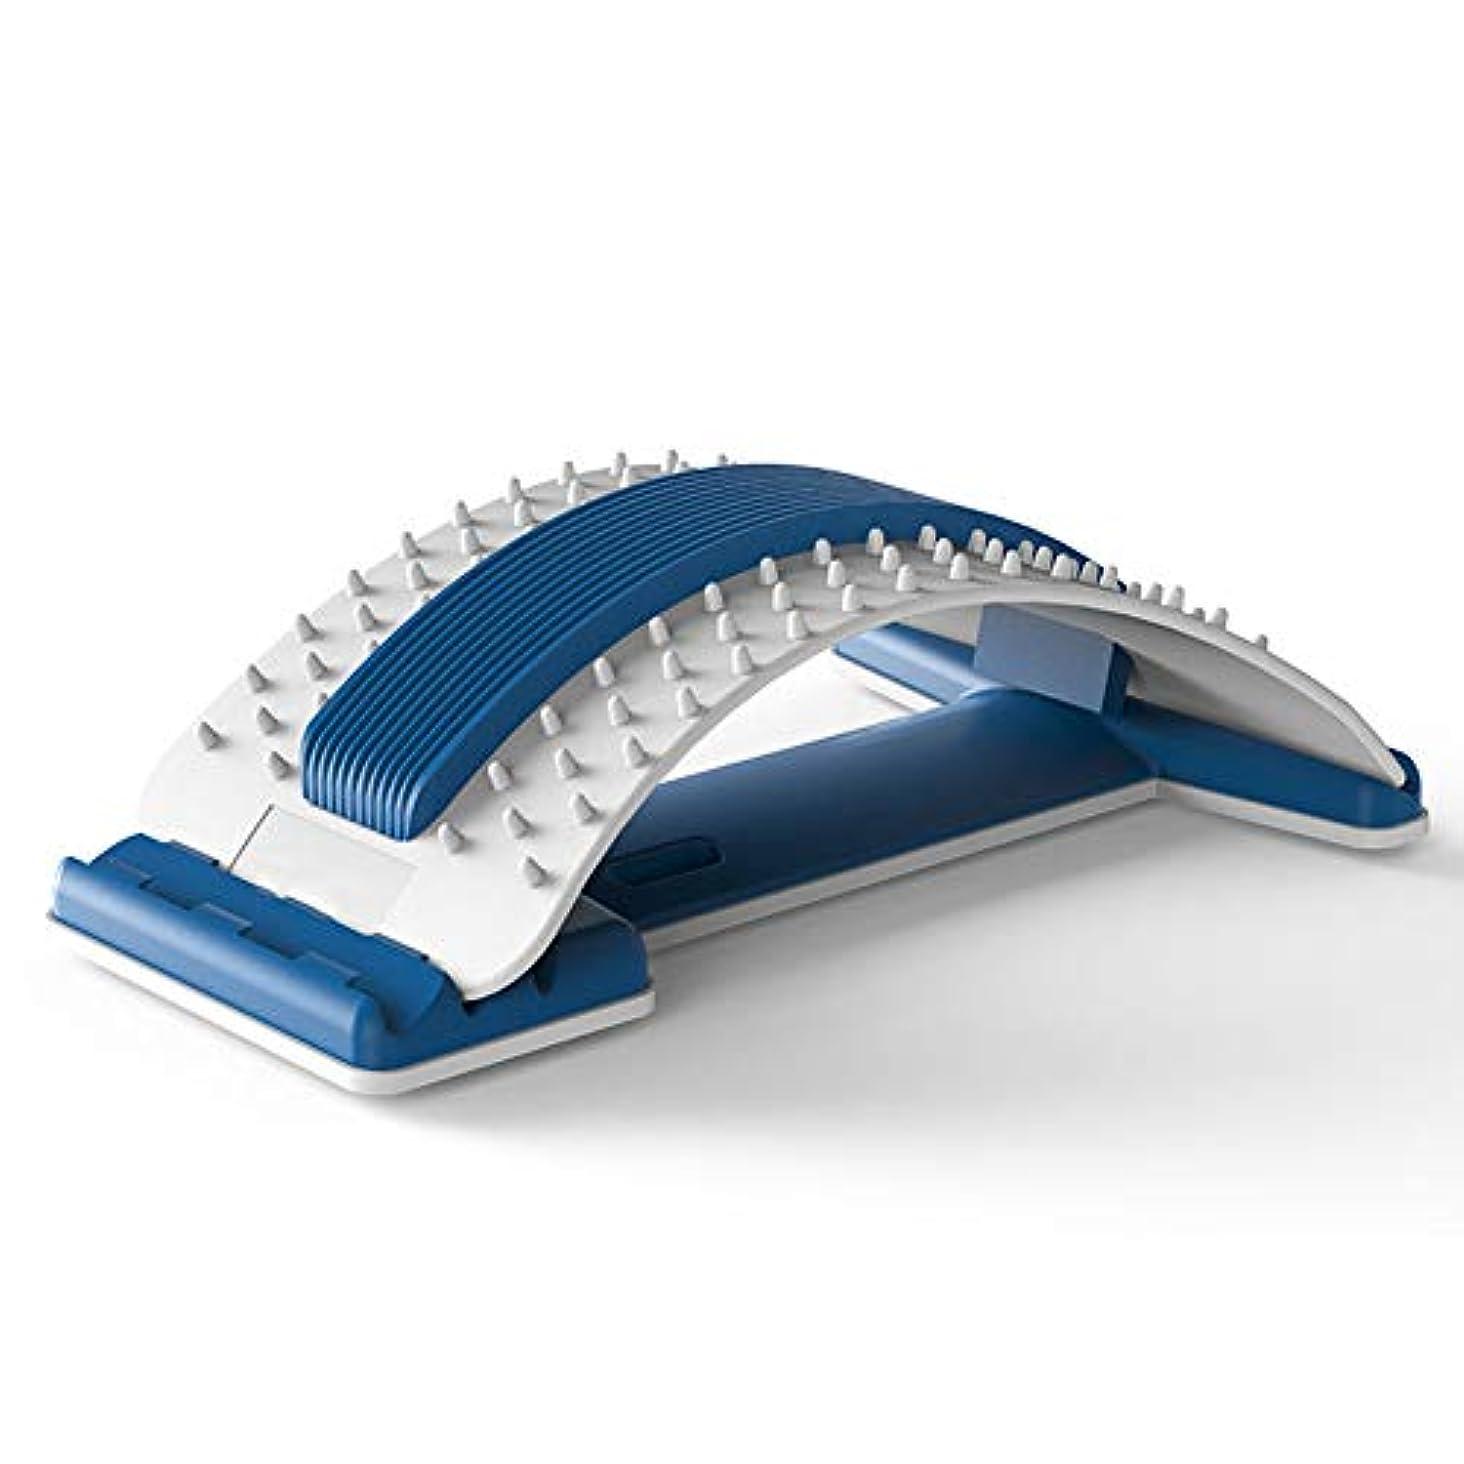 変成器メッセンジャータバコ腰椎矯正腰椎間板ヘルニアトラクターポータブル鍼治療パッド腰椎理学療法器具家庭用車